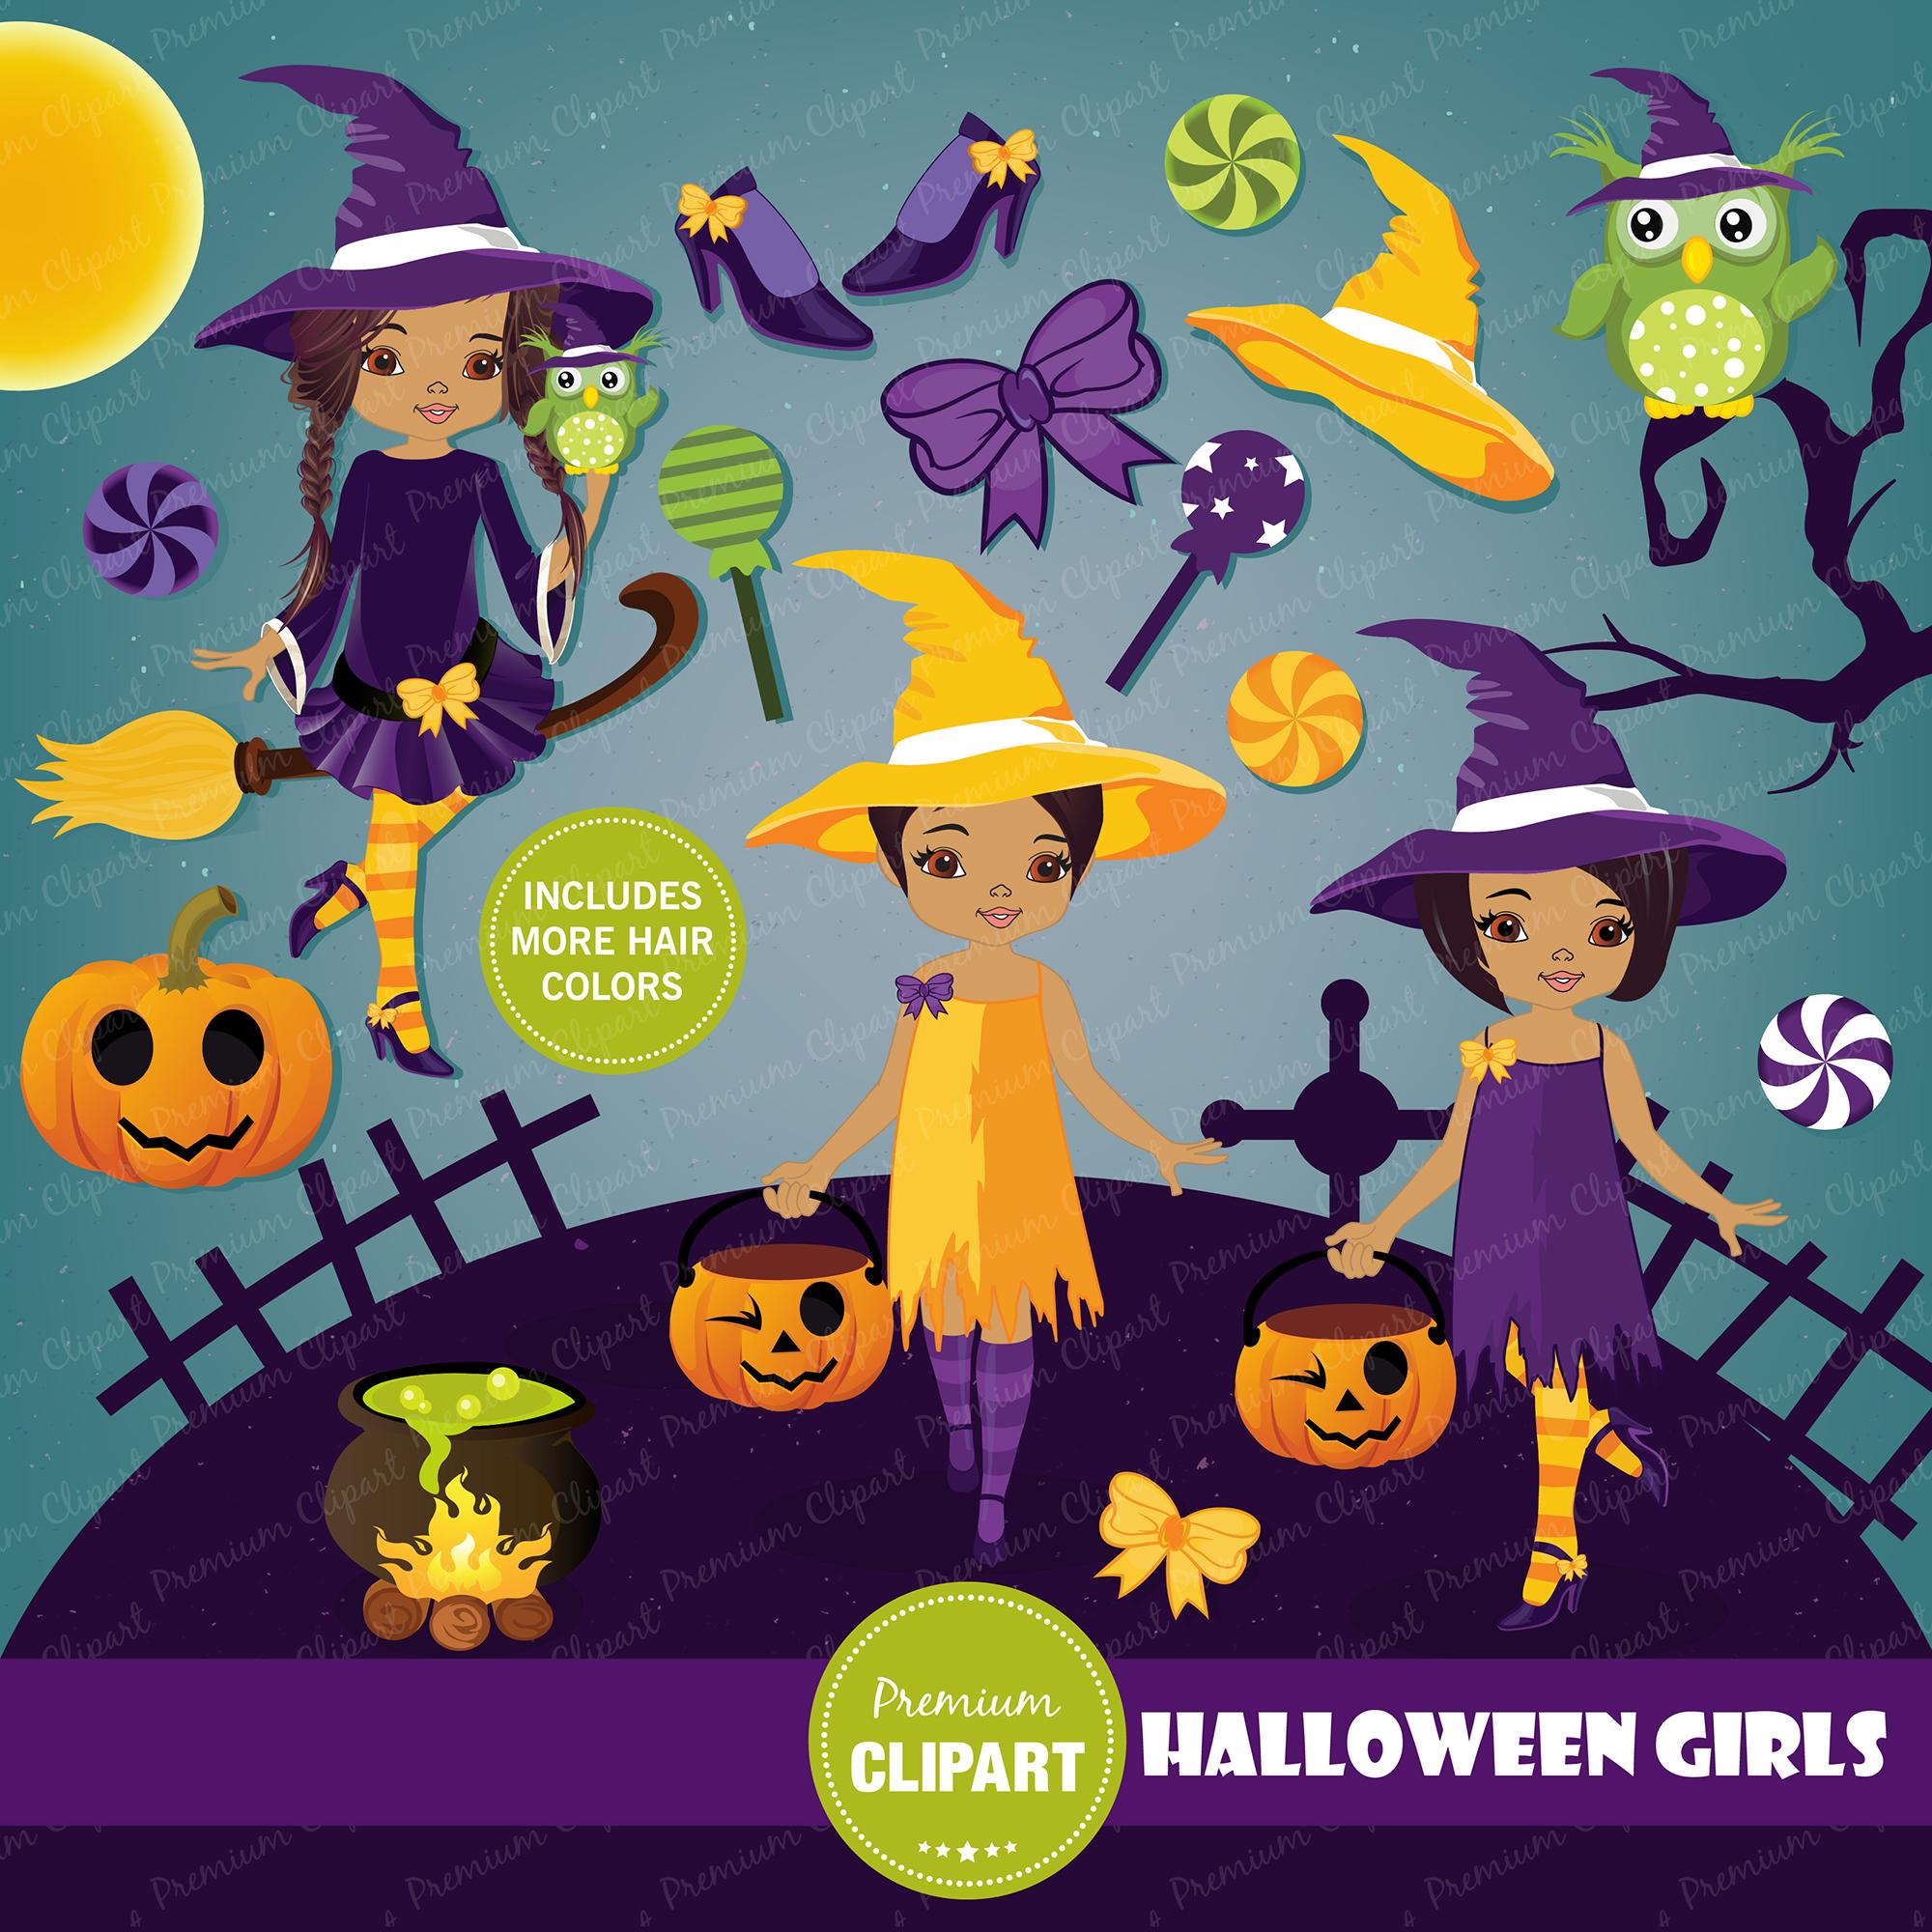 Halloween bundle, Halloween illustrations example image 10